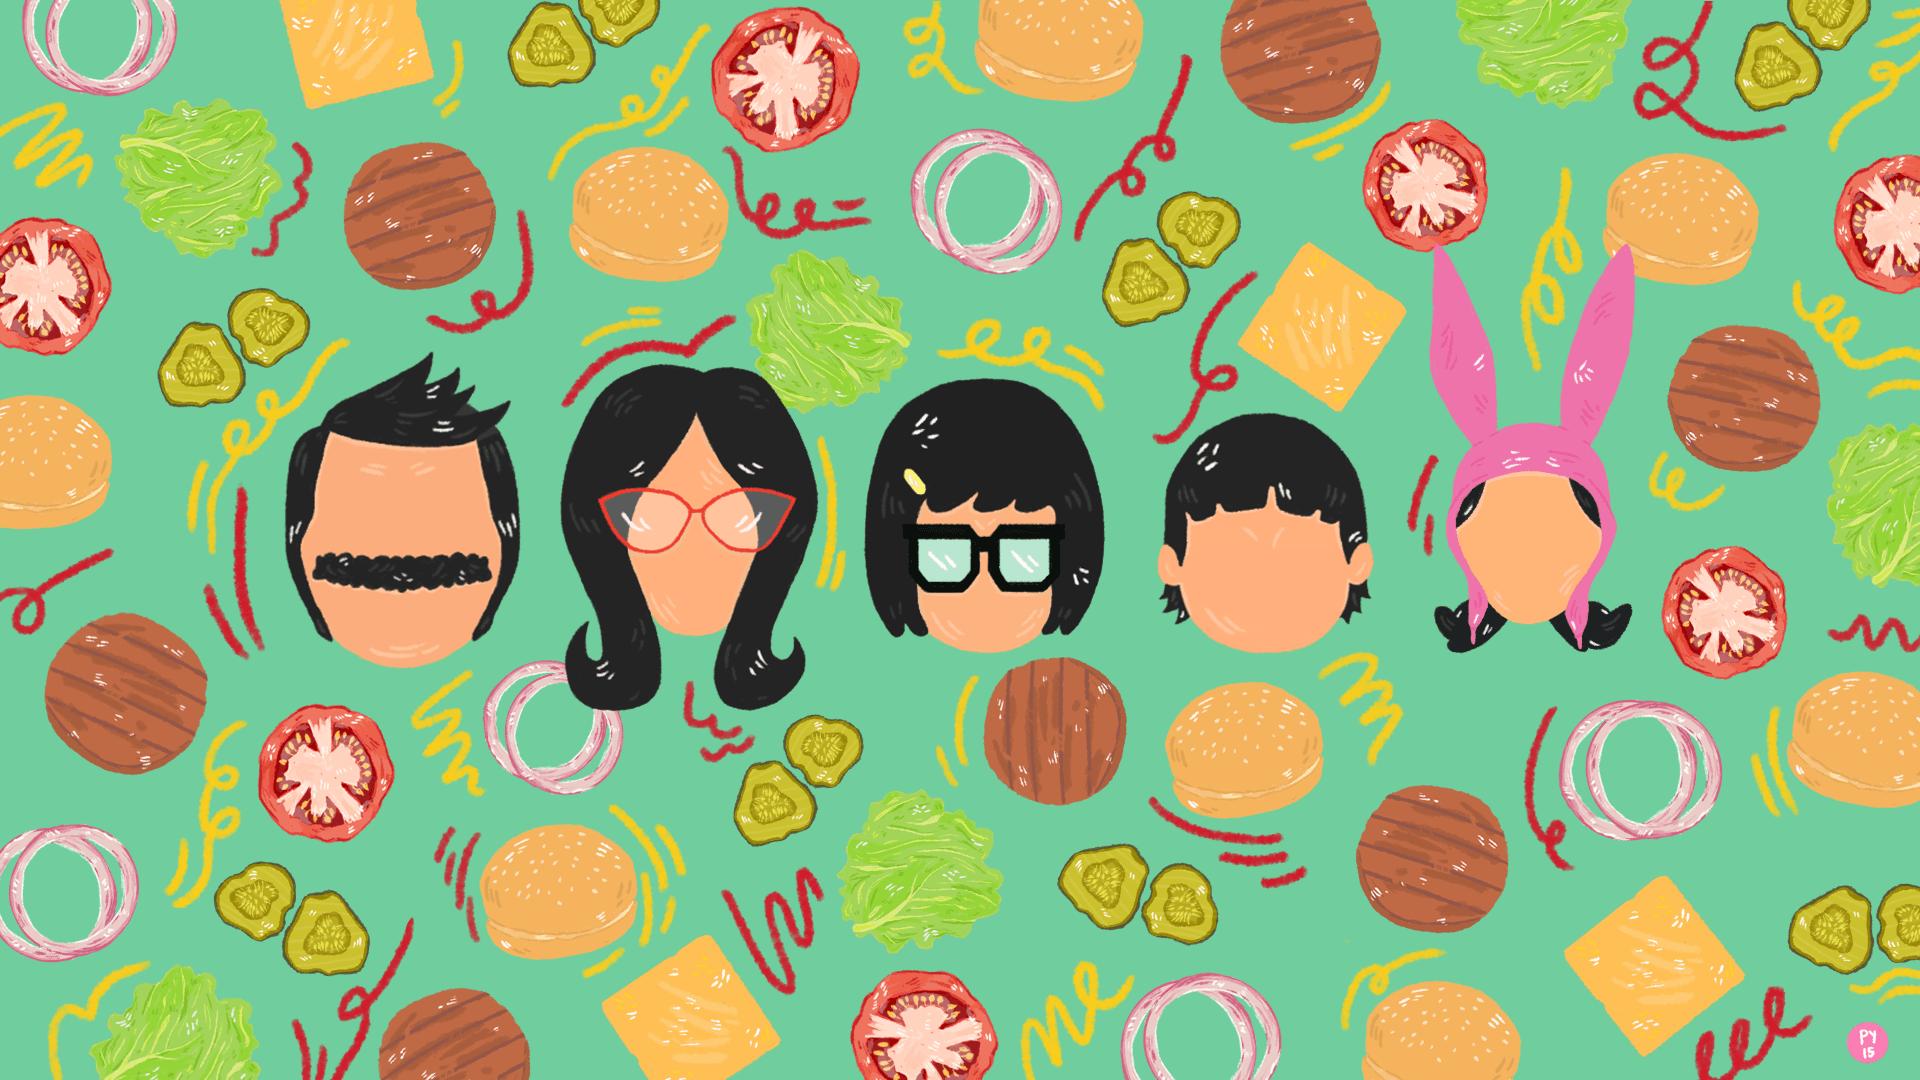 Bob's Burgers Wallpapers - Wallpaper Cave